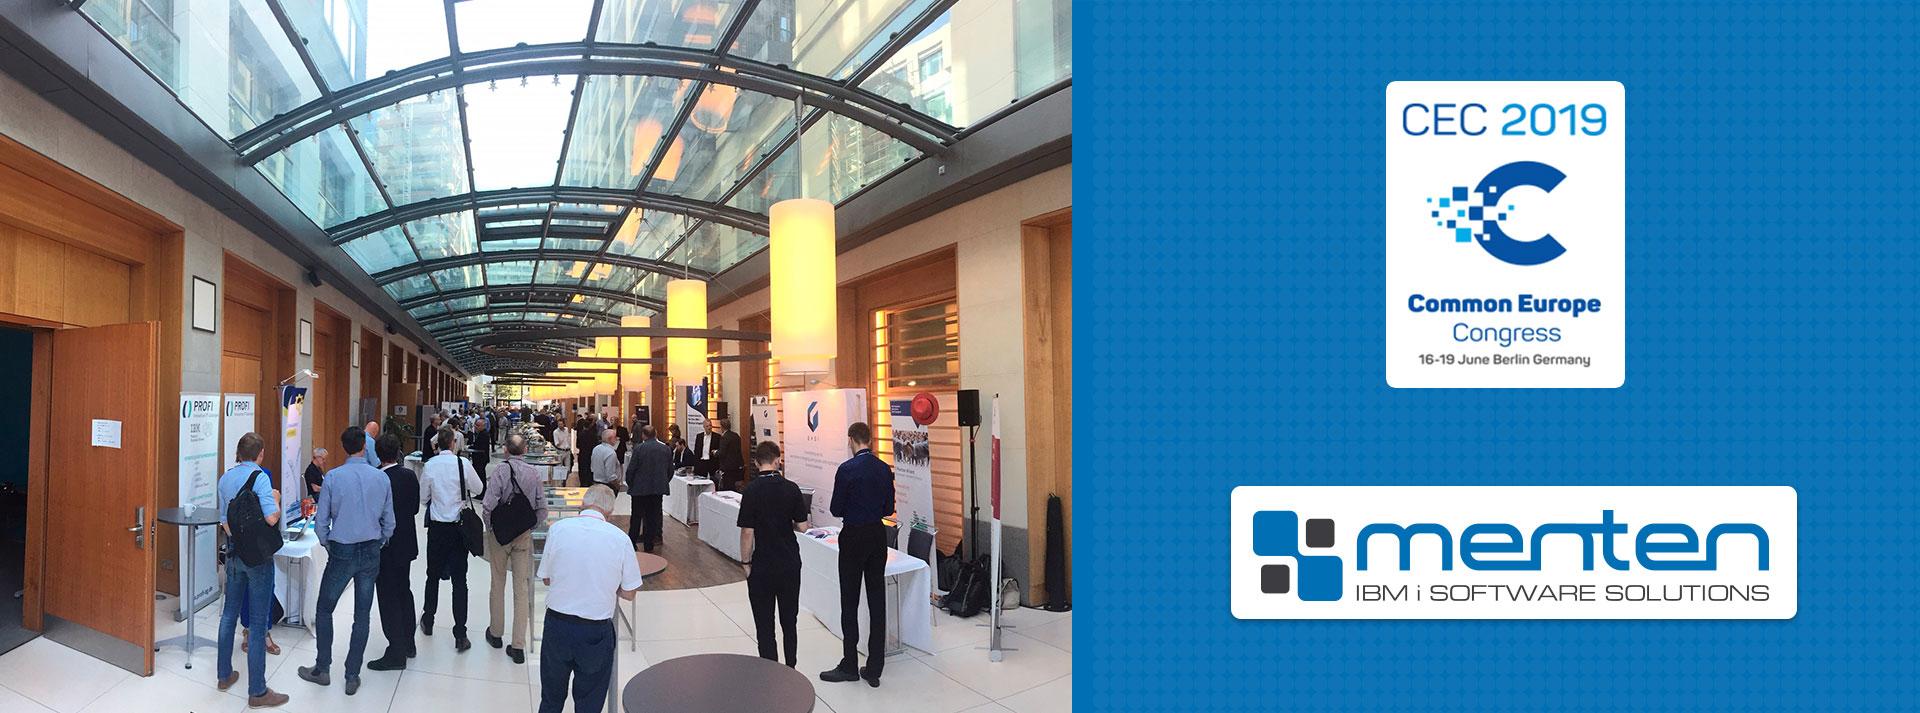 menten beim Common Europe Congress 2019 in Berlin